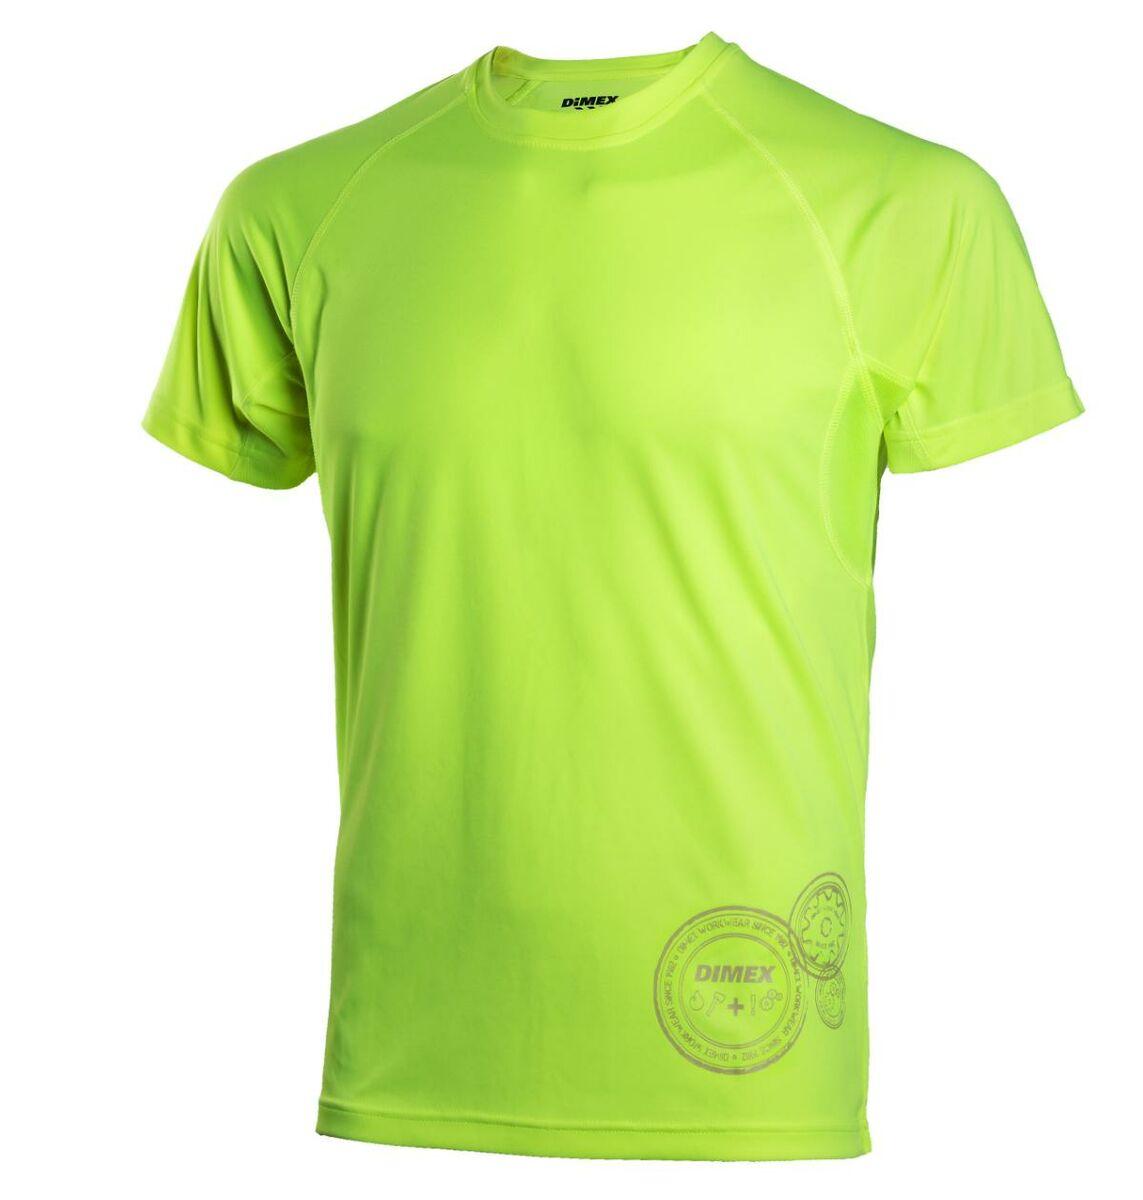 Treenivaatteisiin on turha törsätä – Kuluttaja: Halpa tekninen t-paita yhtä hyvä kuin kallis